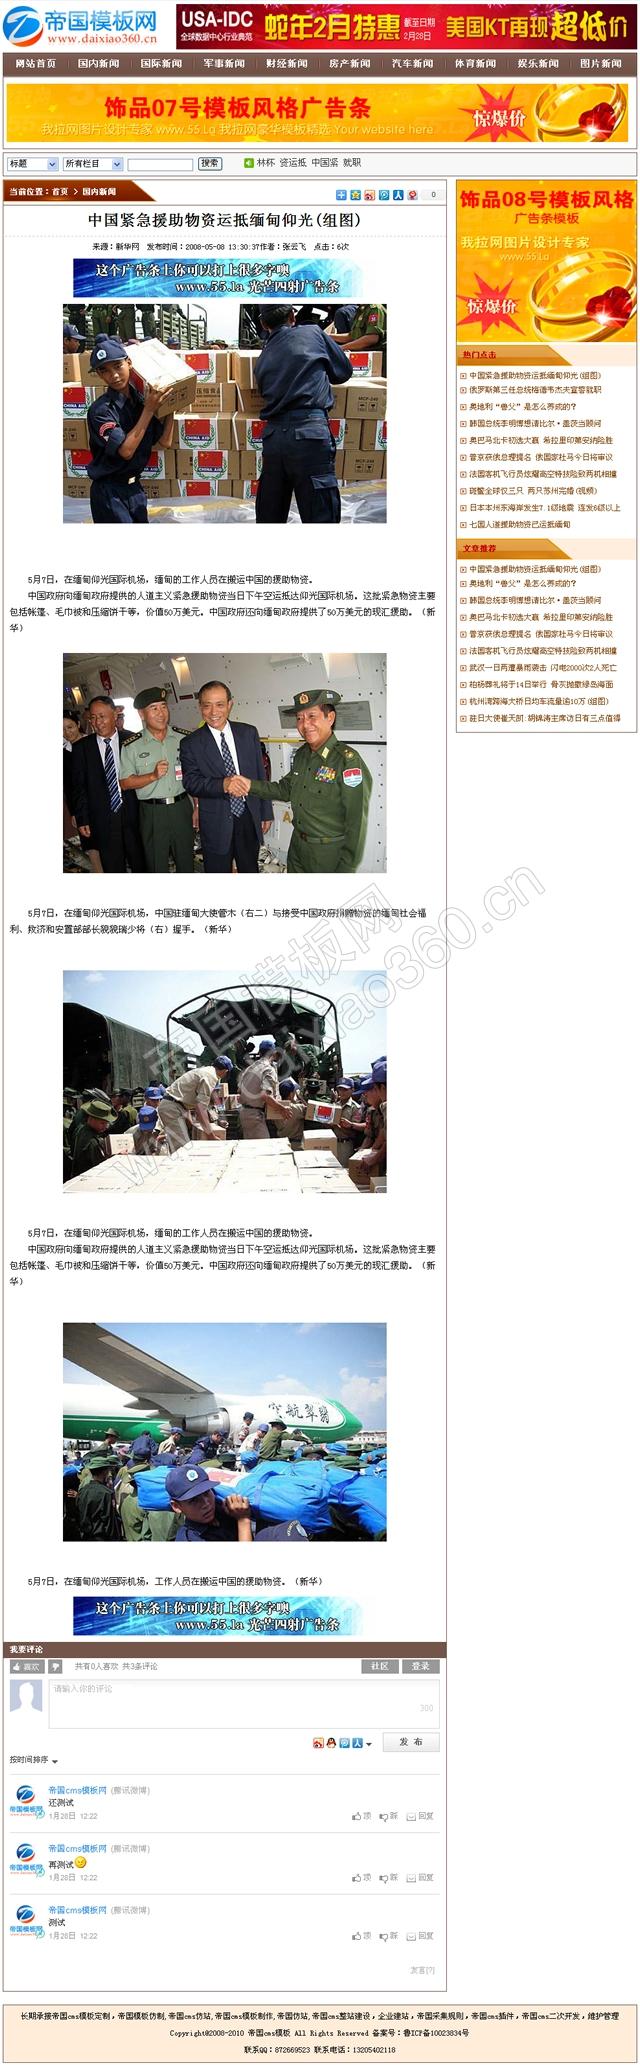 帝国cms新闻资讯模板之大气咖啡色_内容页